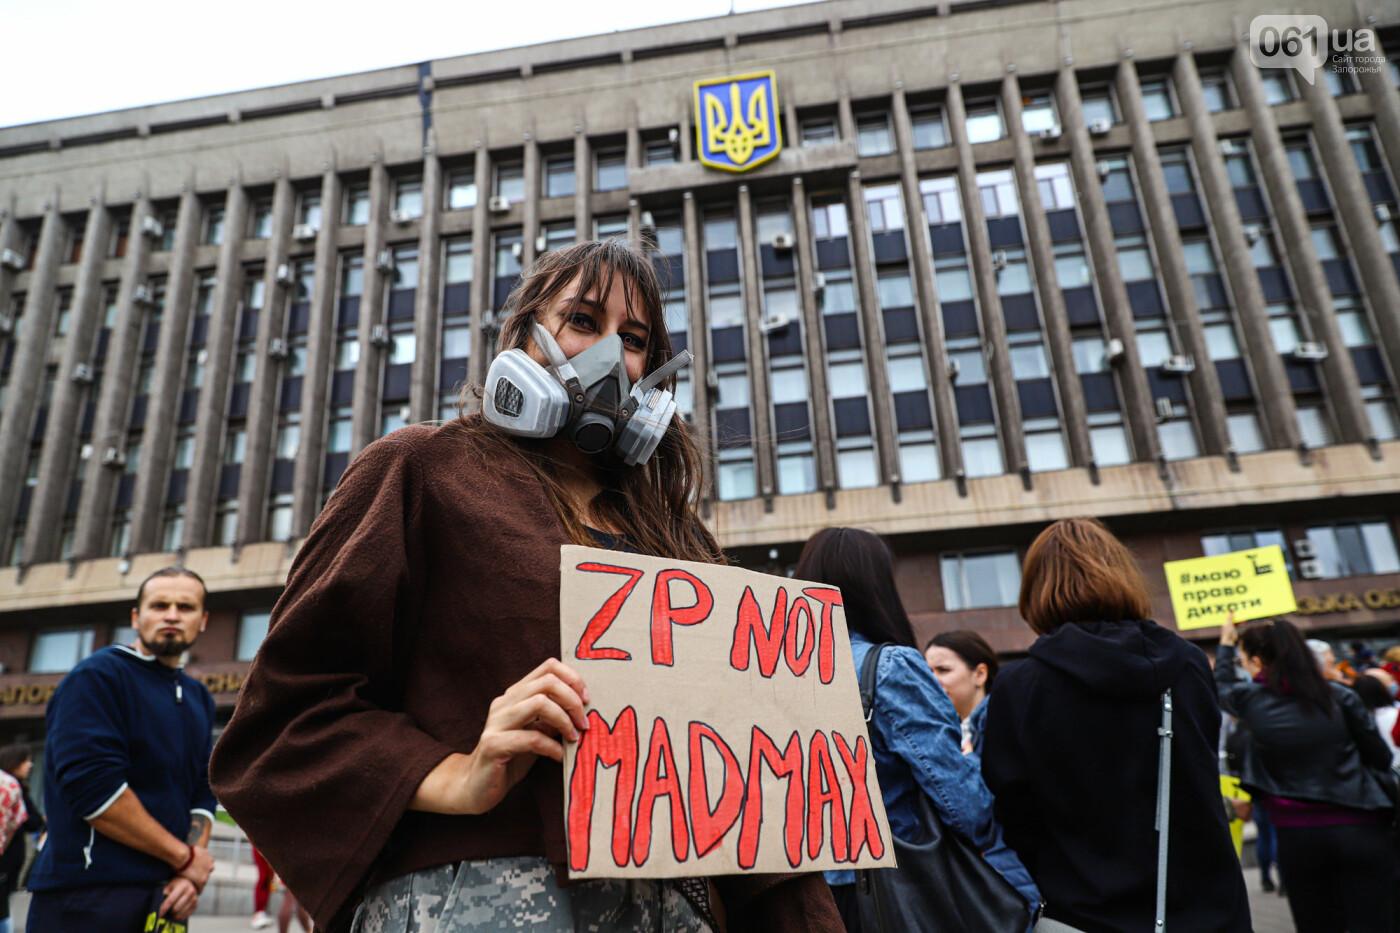 Маю право дихати: тысячи запорожцев вышли на экологический митинг, ФОТО, ВИДЕО, фото-38